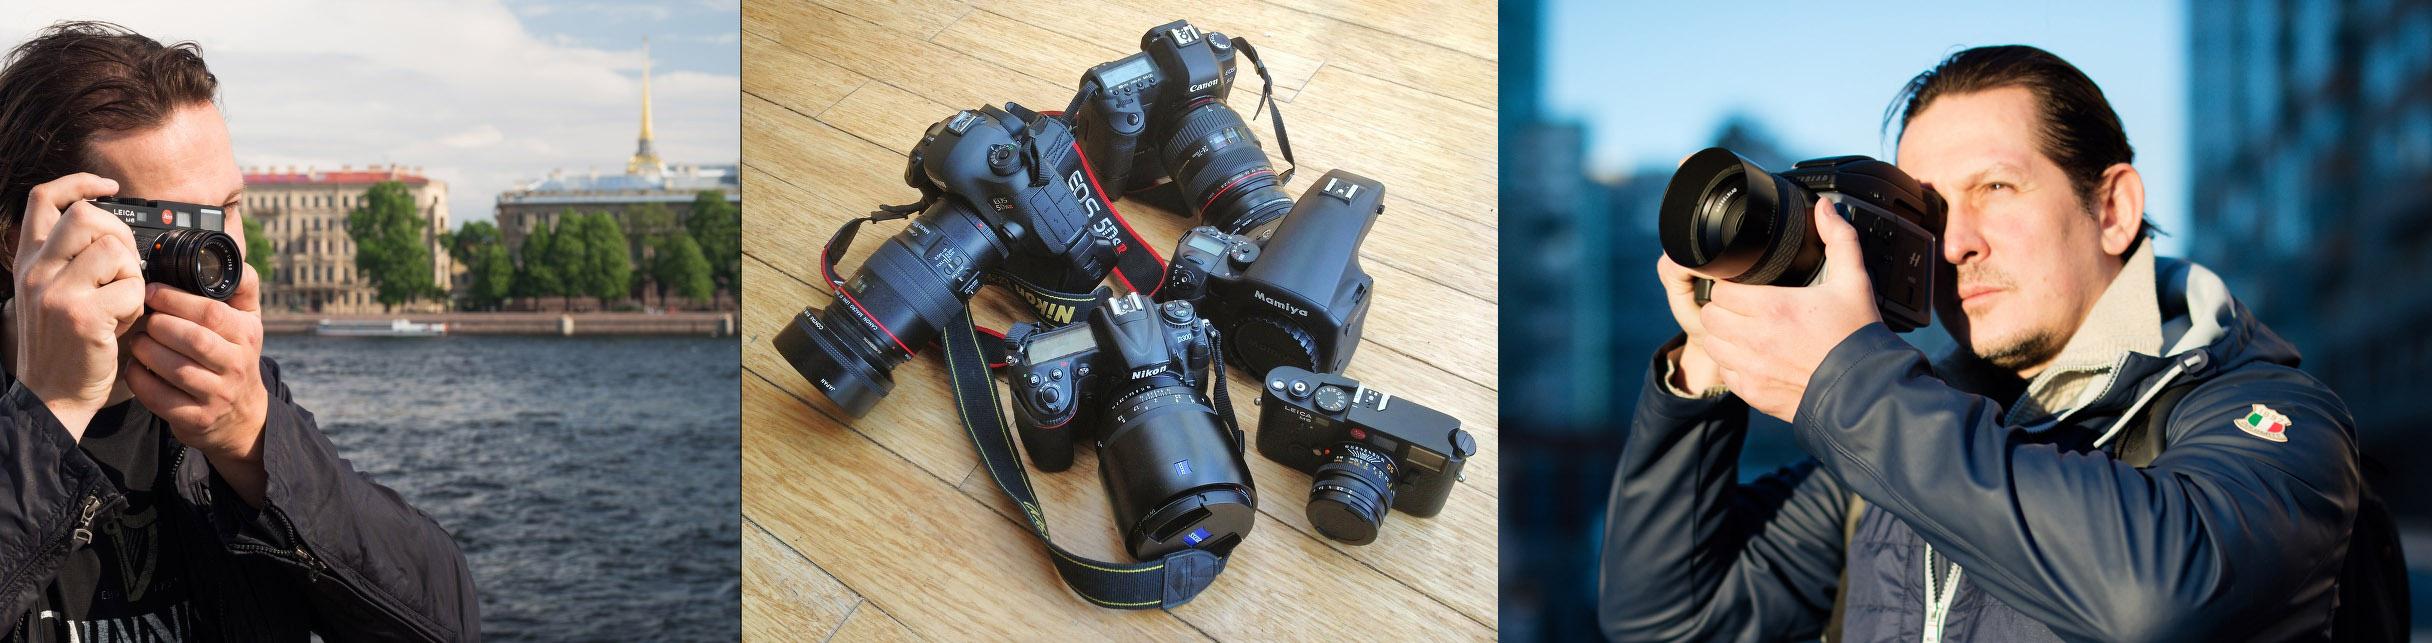 обзоры фототехники, тесты фототехники, предметная фотосъемка